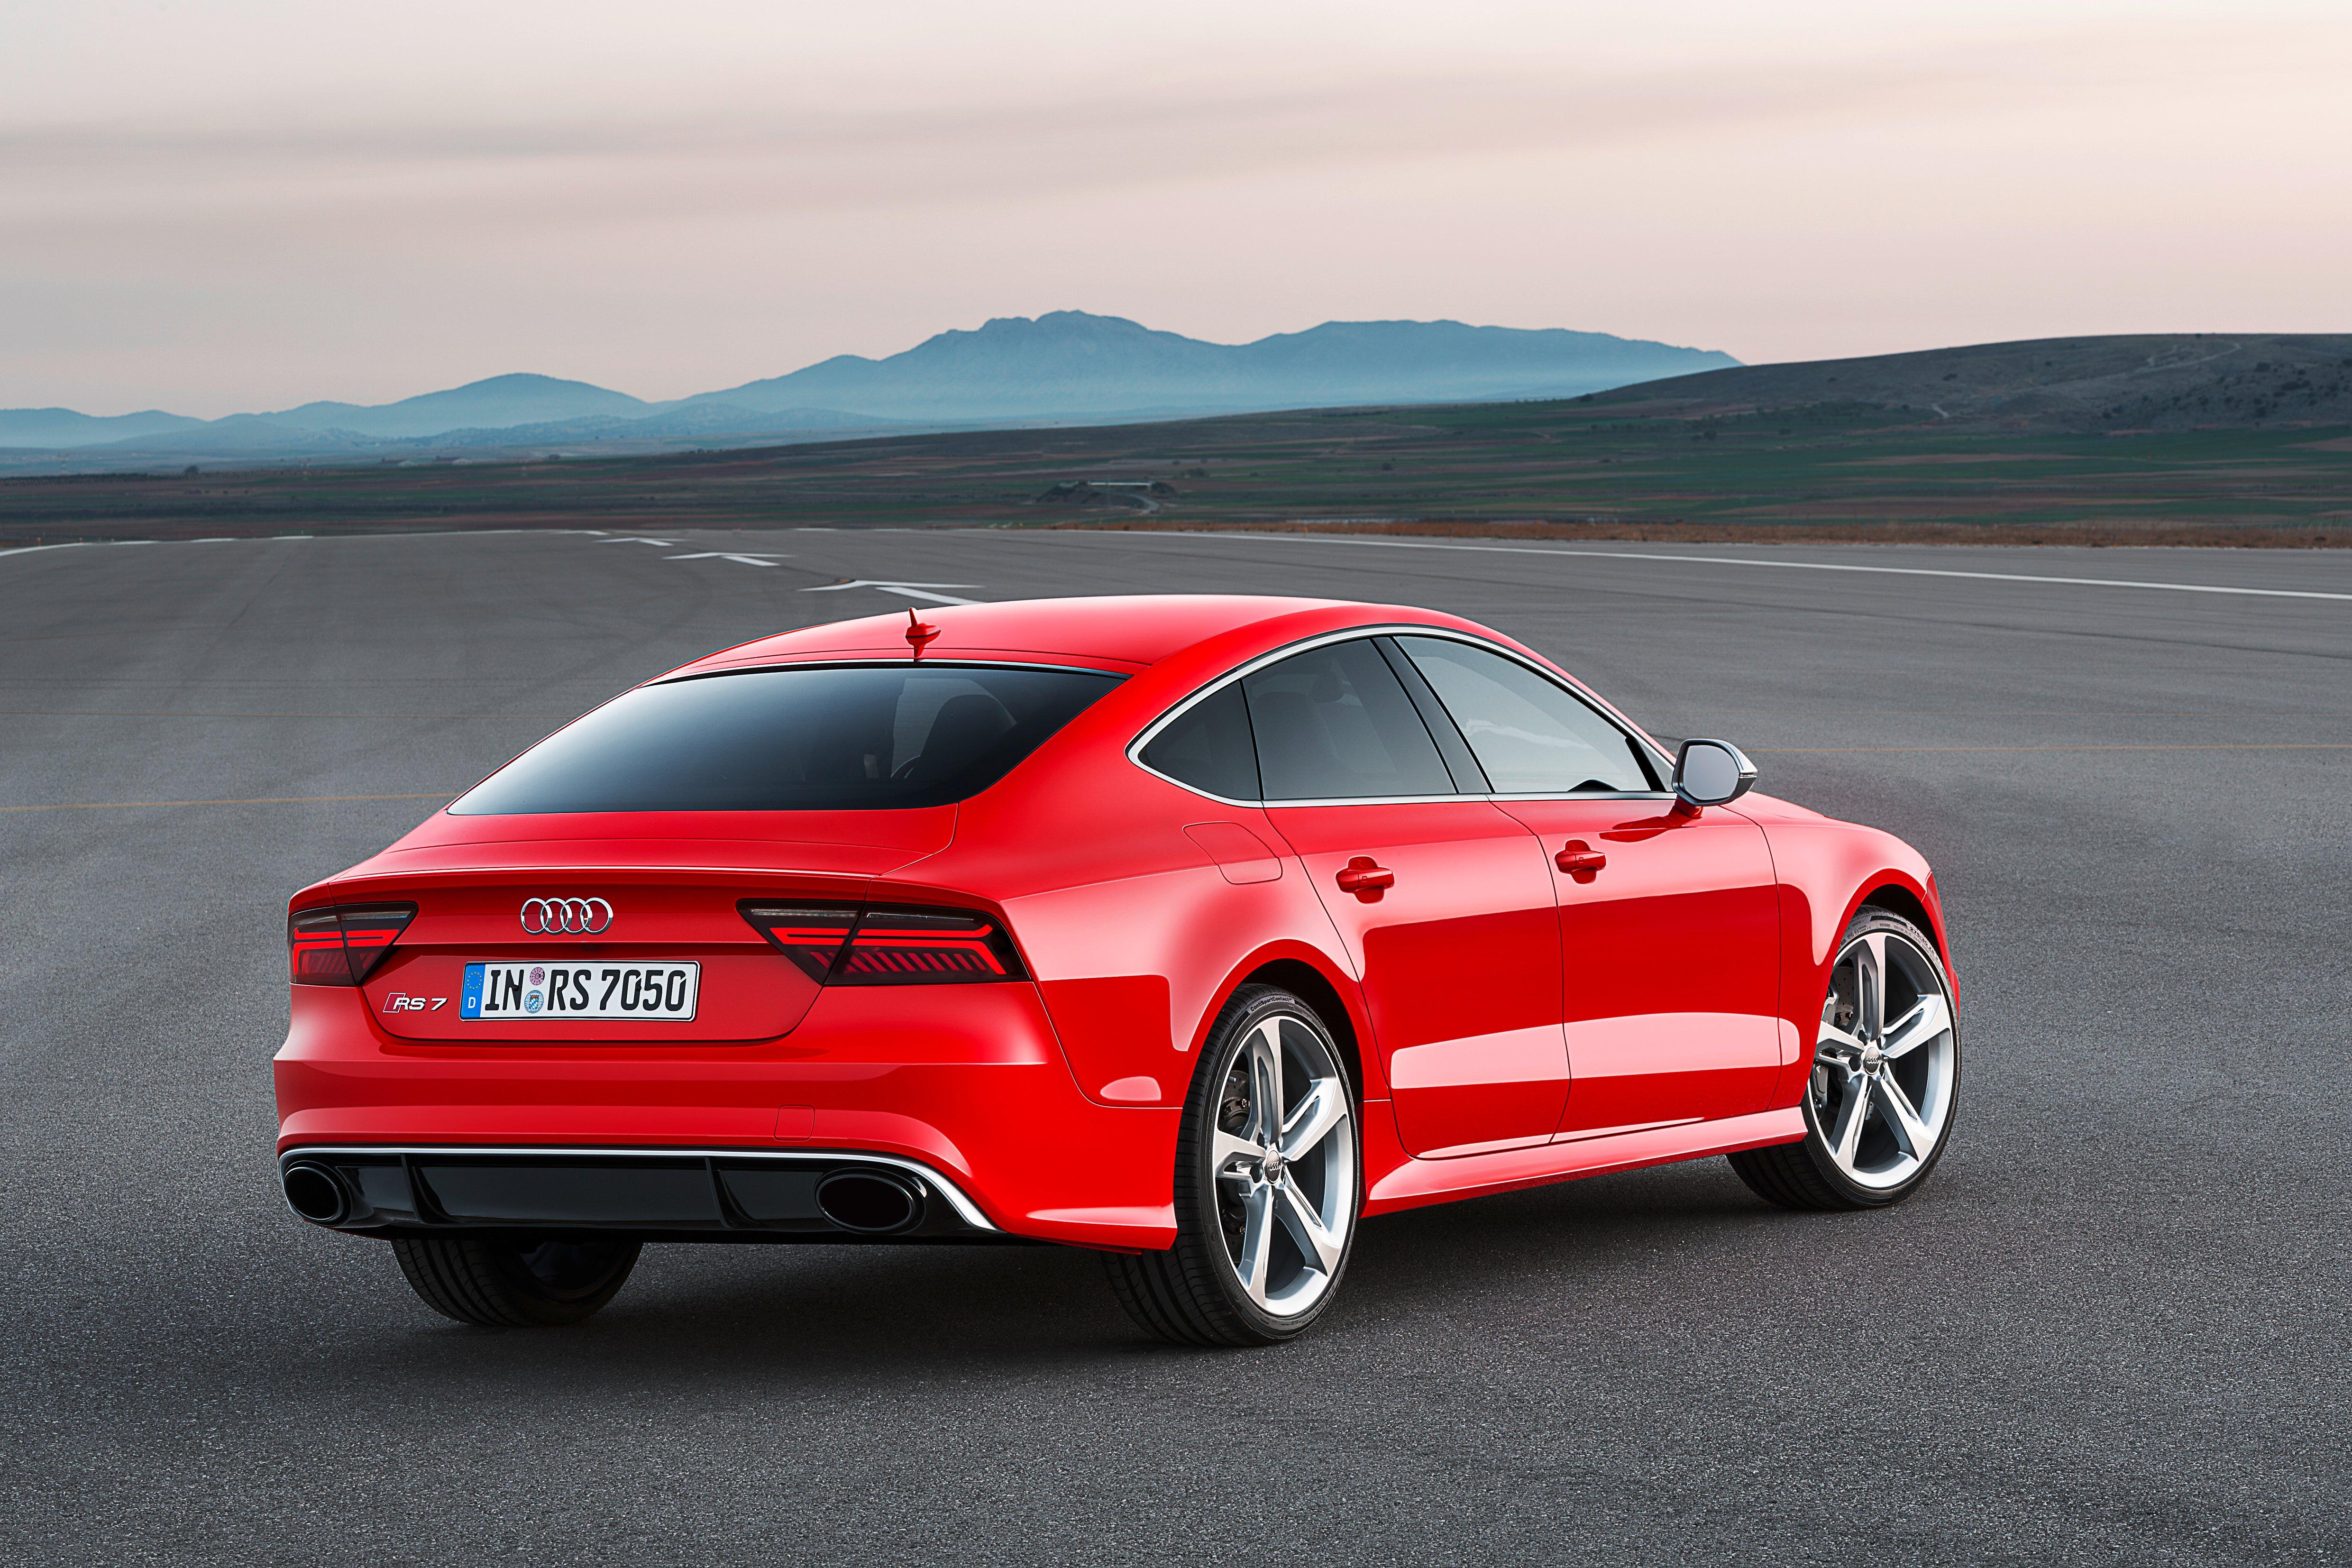 Audi RS7 Sportback facelift – lightly sharpened looks Paul ...